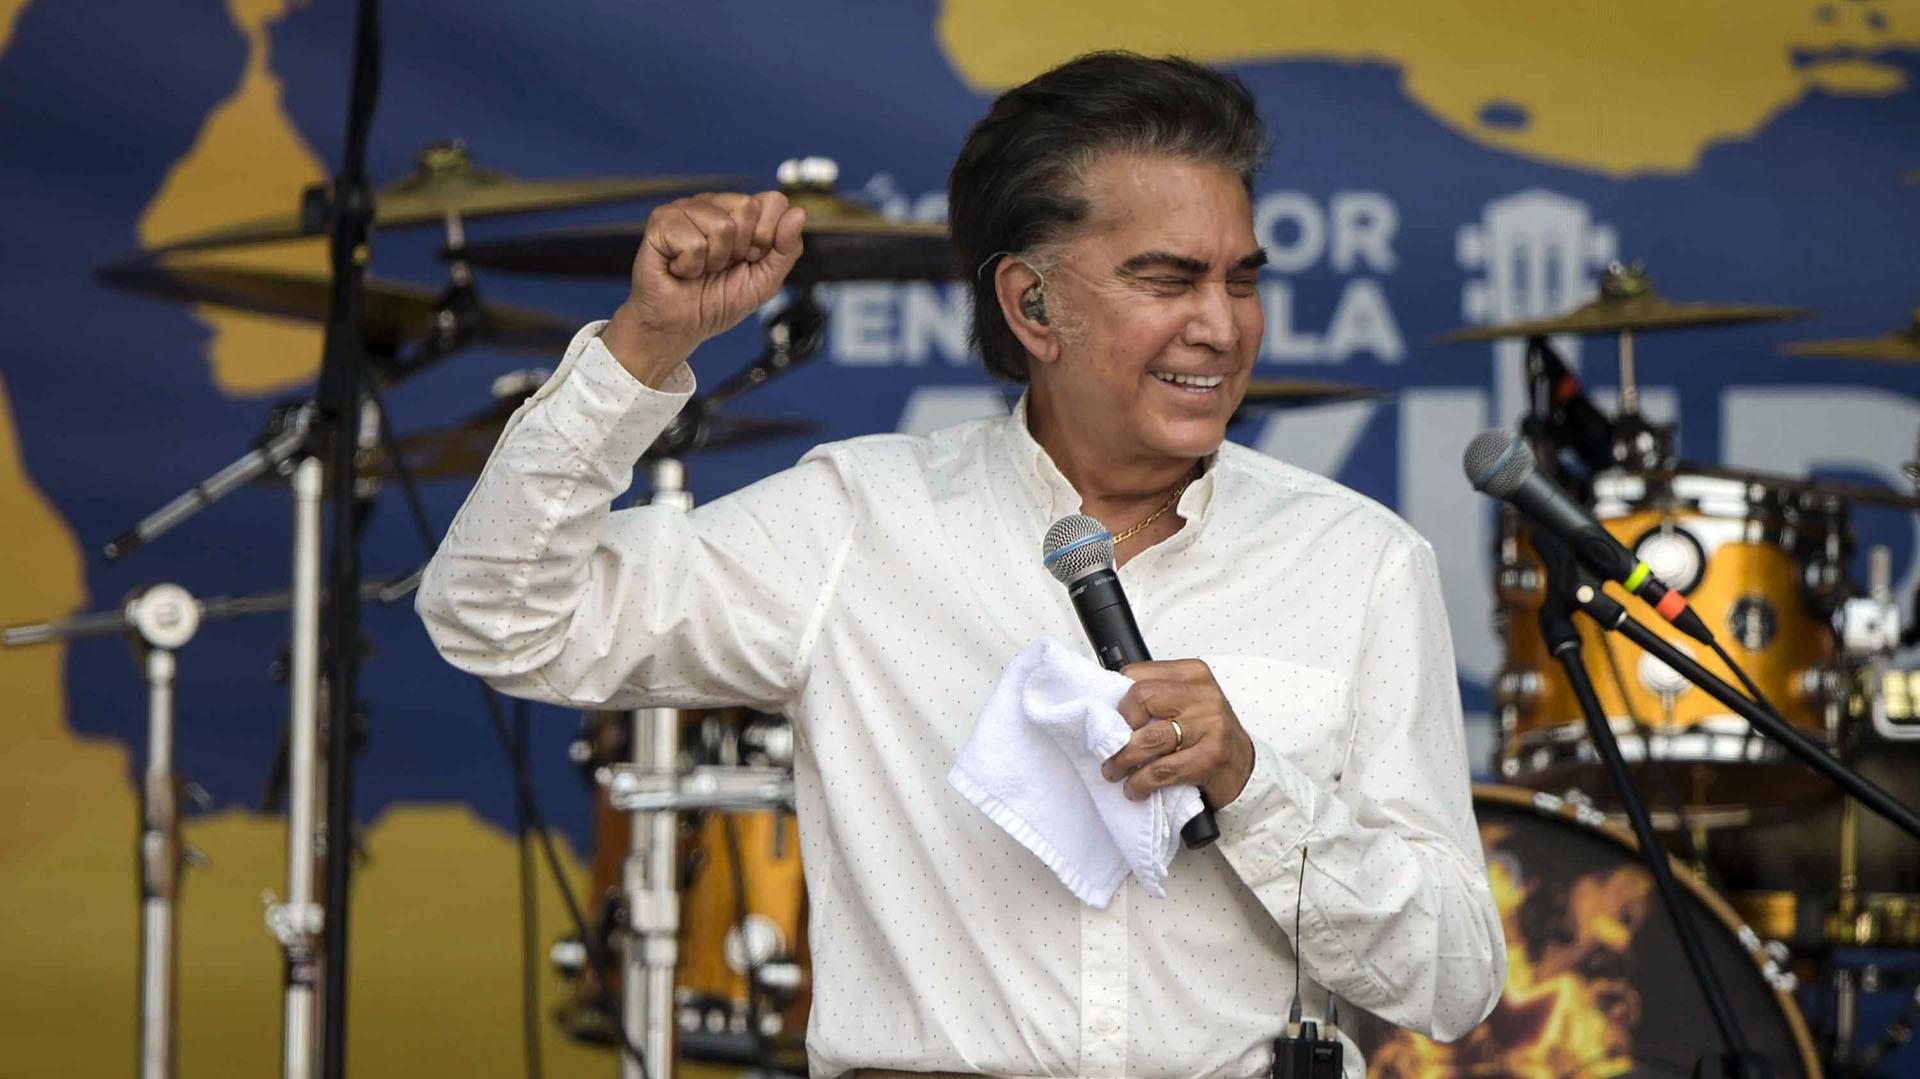 """El cantante venezolano José Luis """"El Puma"""" Rodríguez, se presenta durante el concierto """"Venezuela Aid Live"""" en el Puente Internacional Tienditas en Cúcuta, Colombia, el 22 de febrero de 2019. (AFP)"""